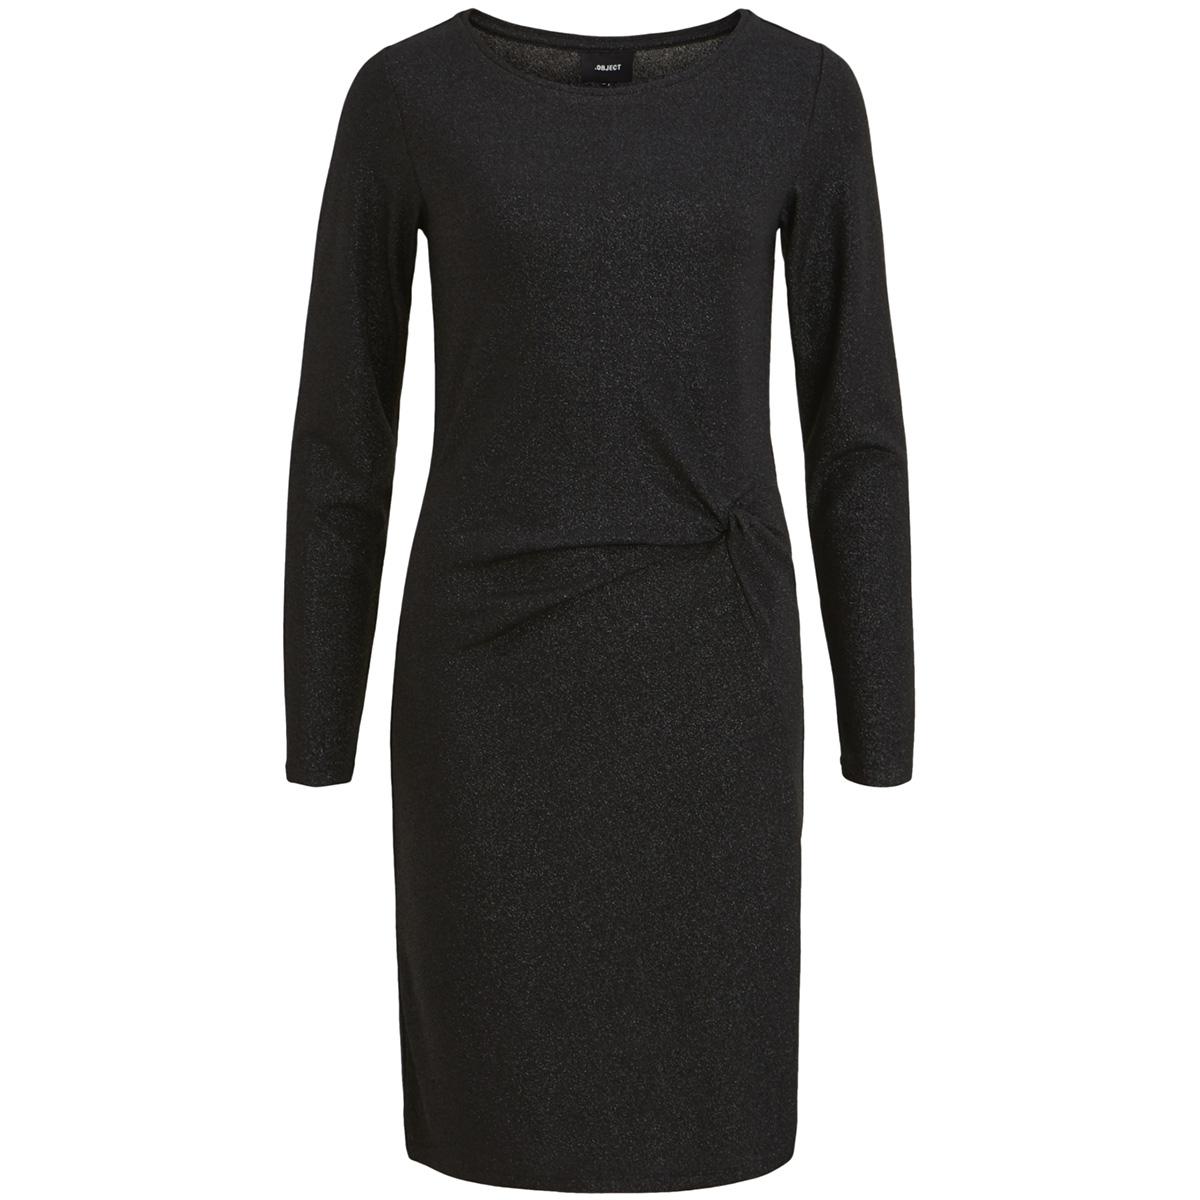 objbananarama new l/s dress .i 100 23029123 object jurk black